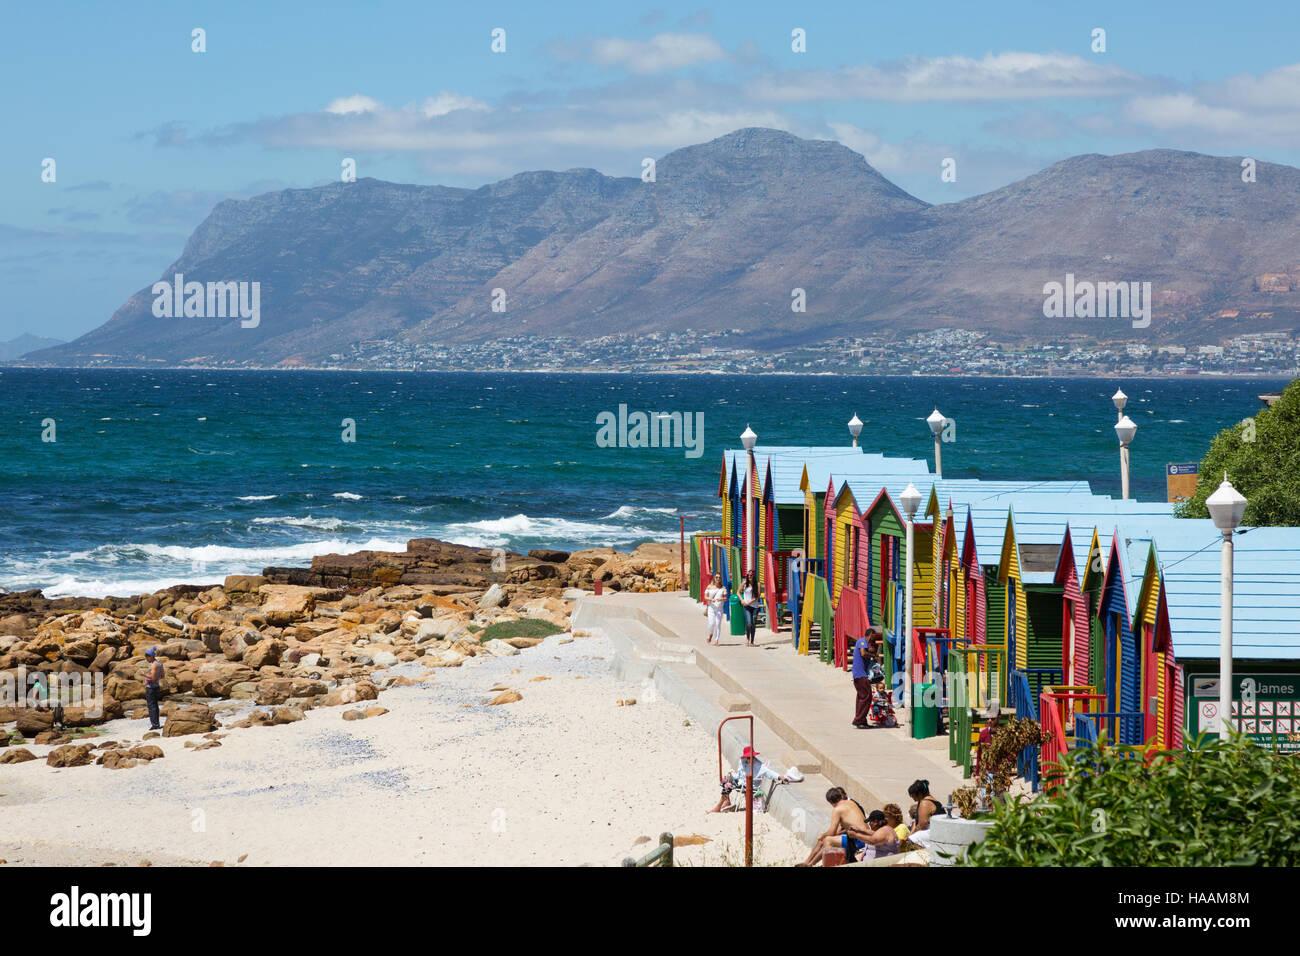 Farbenfrohe Strandhütten und Menschen am Strand von Muizenberg, Western Cape, Südafrika Stockfoto